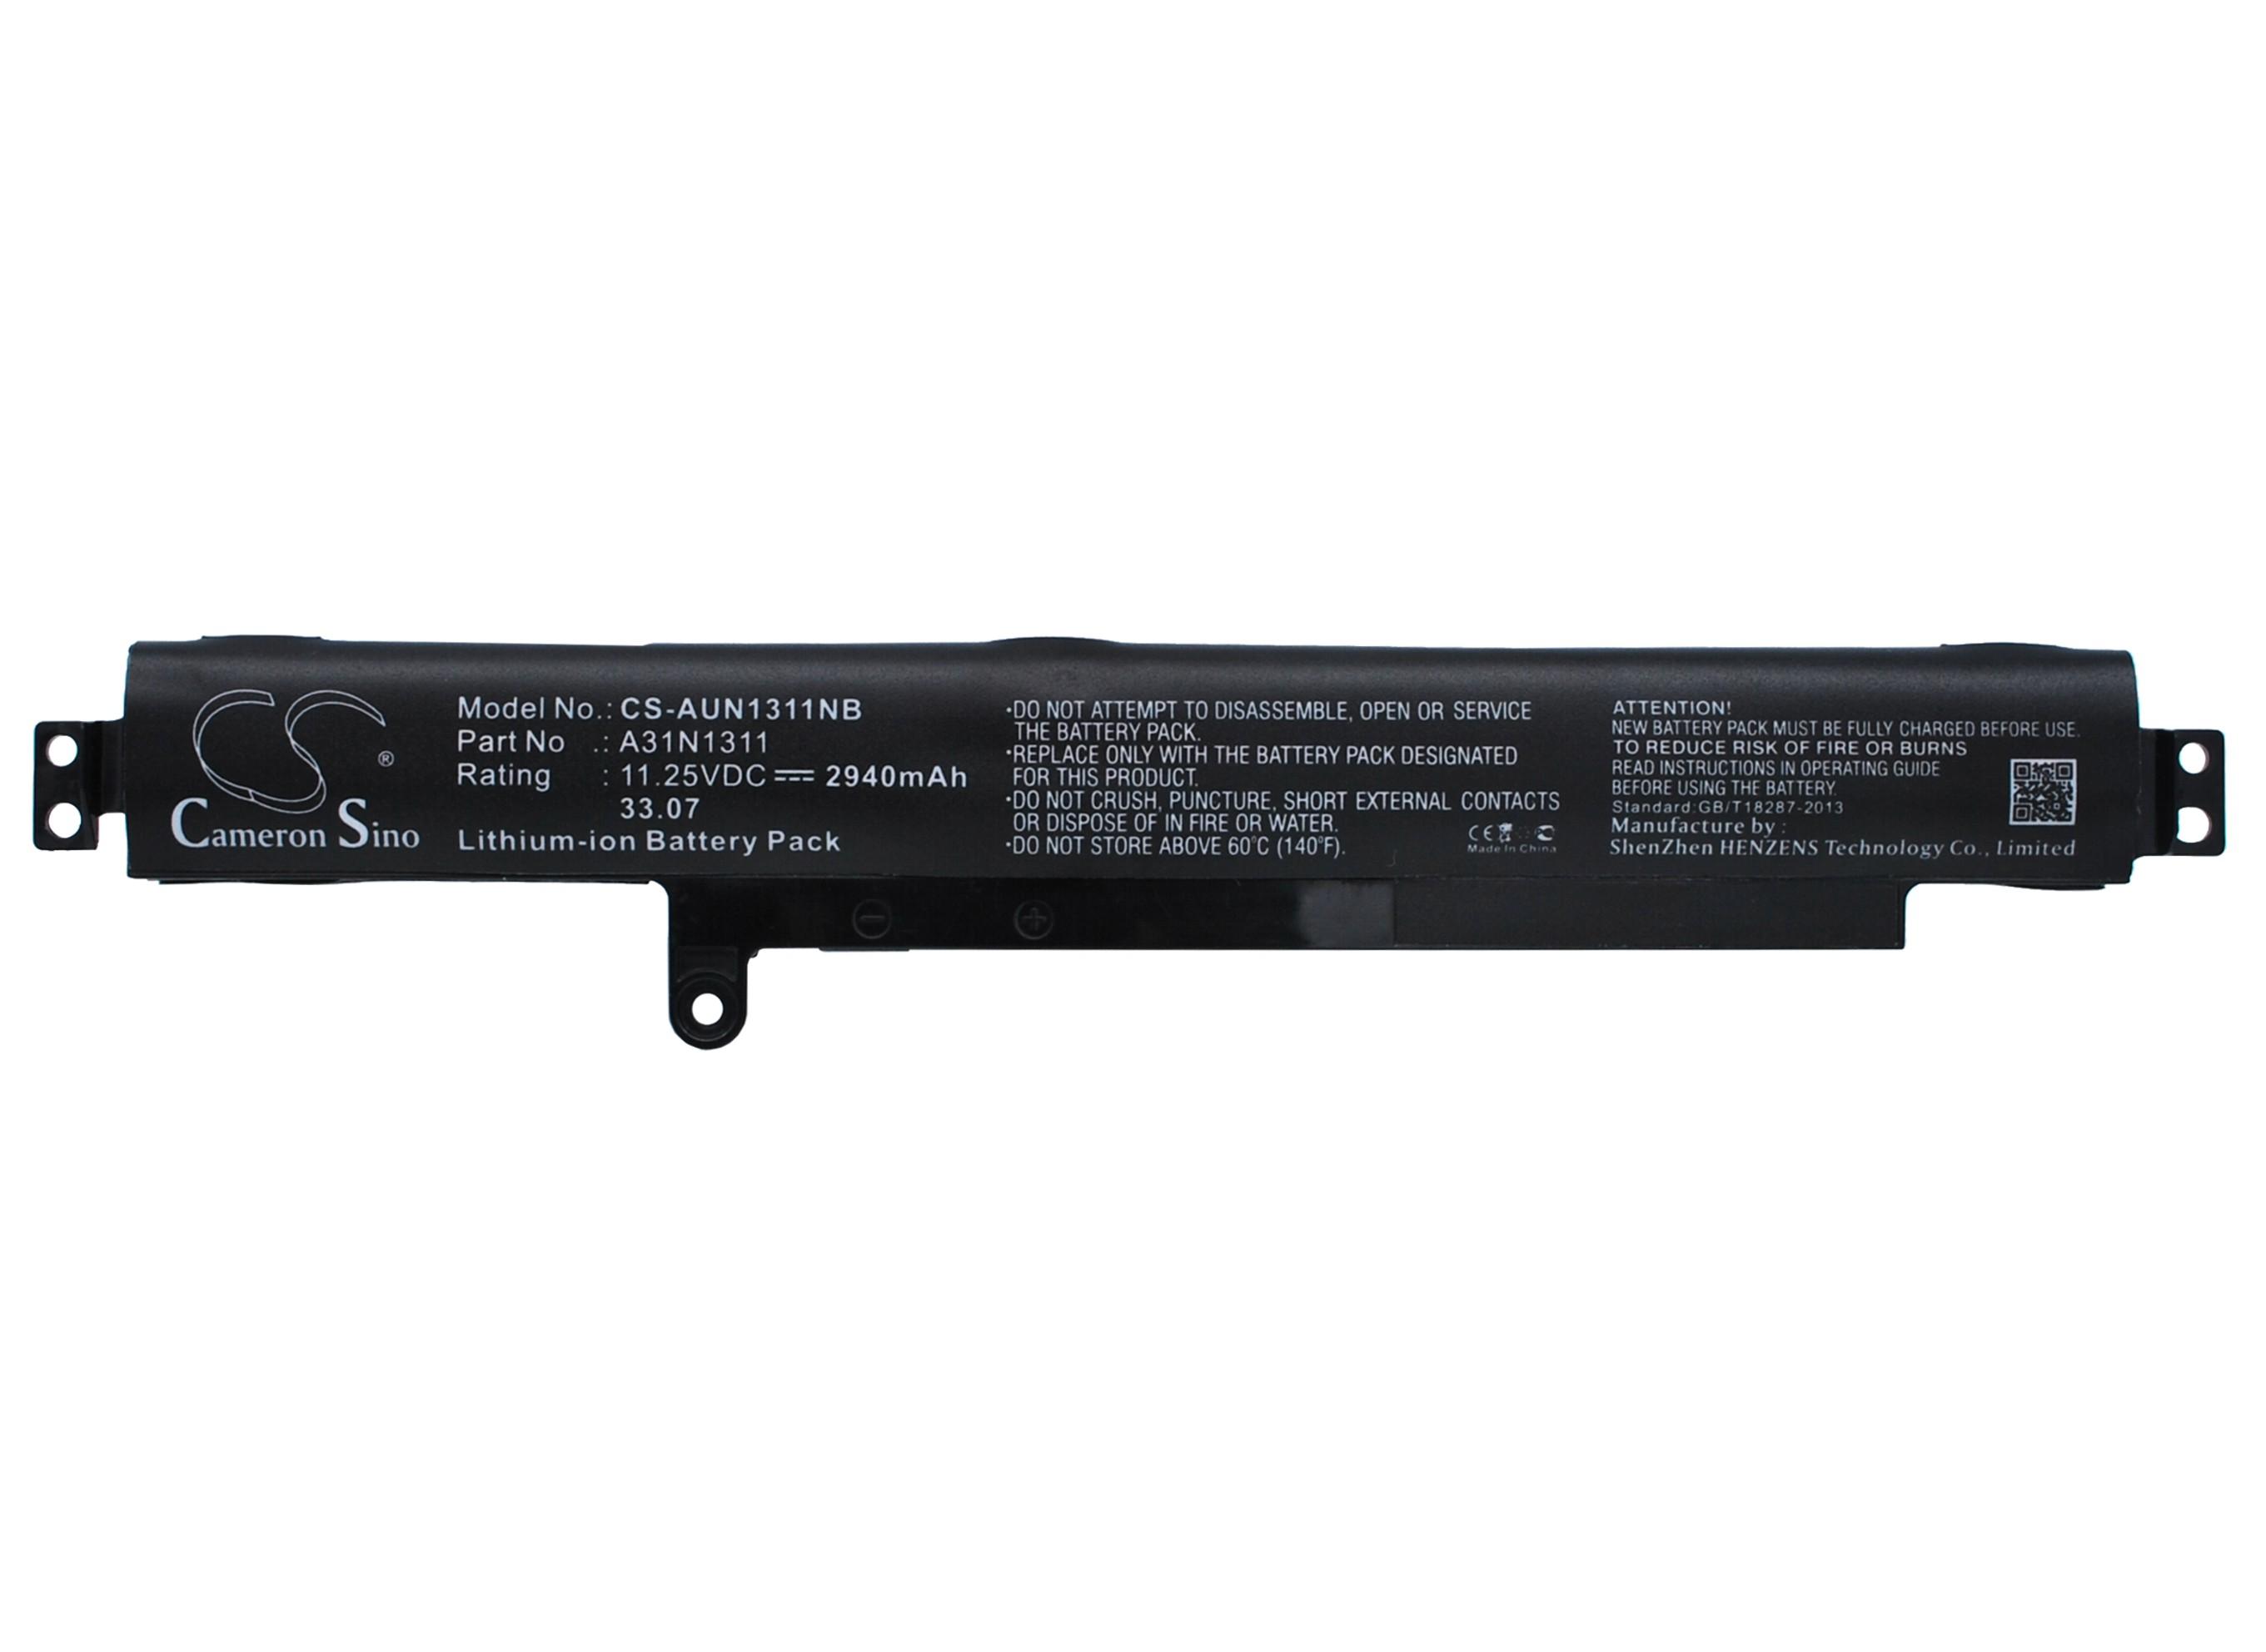 Cameron Sino baterie do notebooků pro ASUS VivoBook F200CA 11.25V Li-ion 2940mAh černá - neoriginální